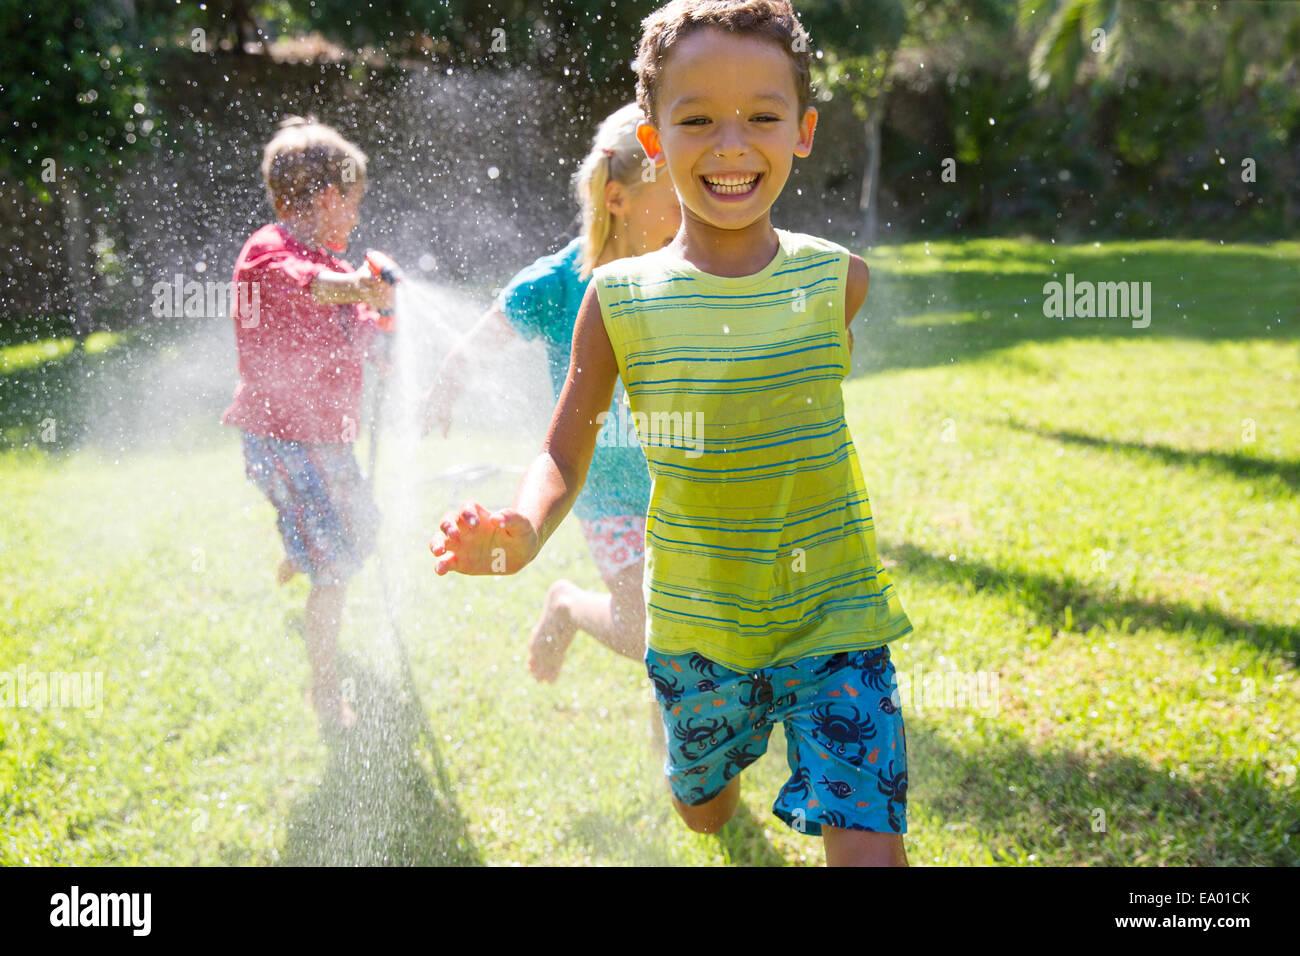 Trois enfants courir après eux dans jardin avec water sprinkler Banque D'Images